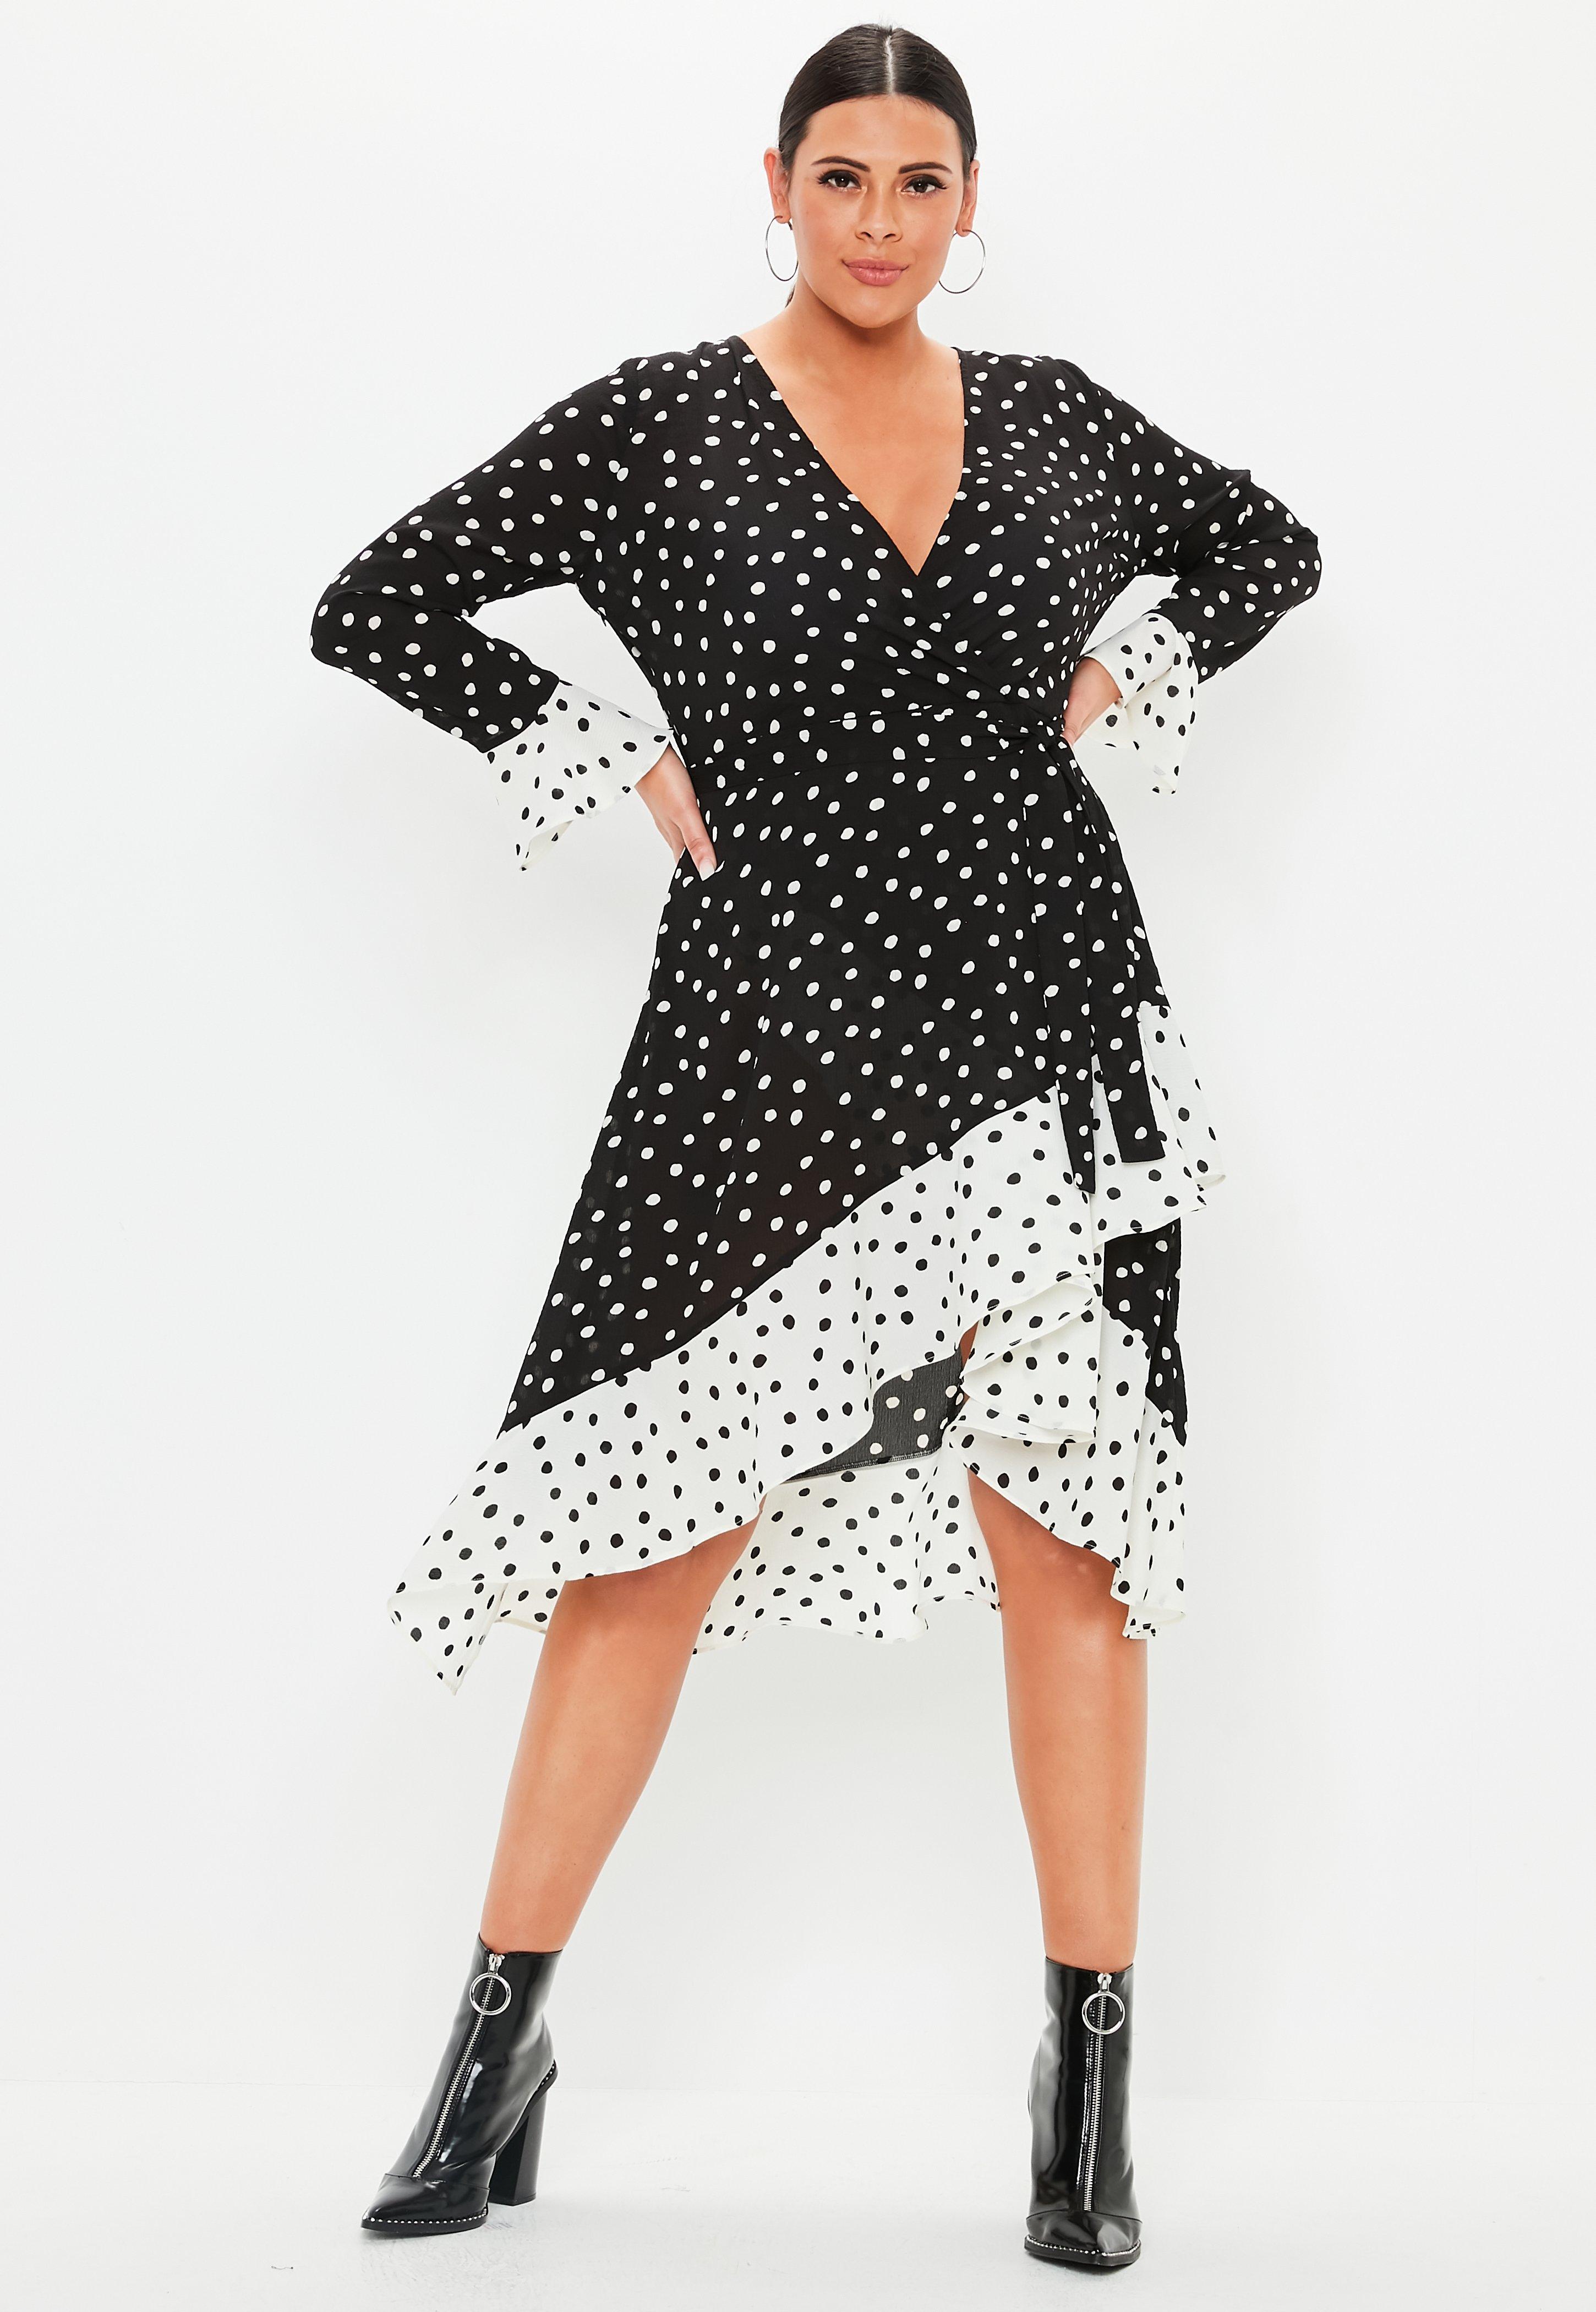 c1a8c47e7d813 robe-portefeuille-noire--pois-et-volants-grandes-tailles.jpg